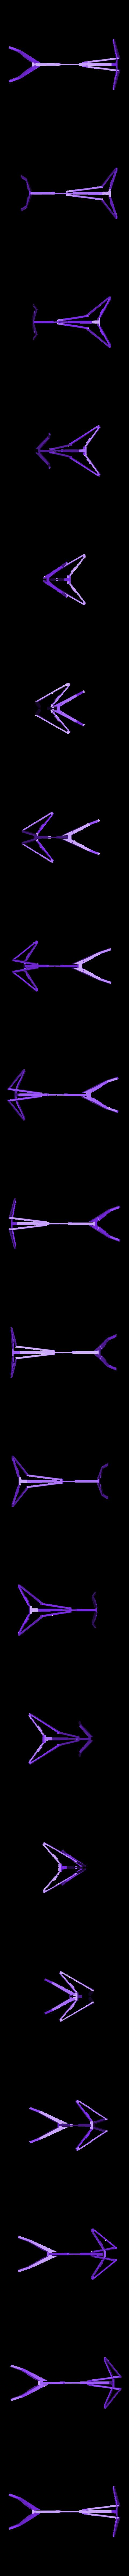 HeadPhonestand_Trim_Red.STL Télécharger fichier STL gratuit Support d'écouteurs multicolore • Objet pour imprimante 3D, MosaicManufacturing